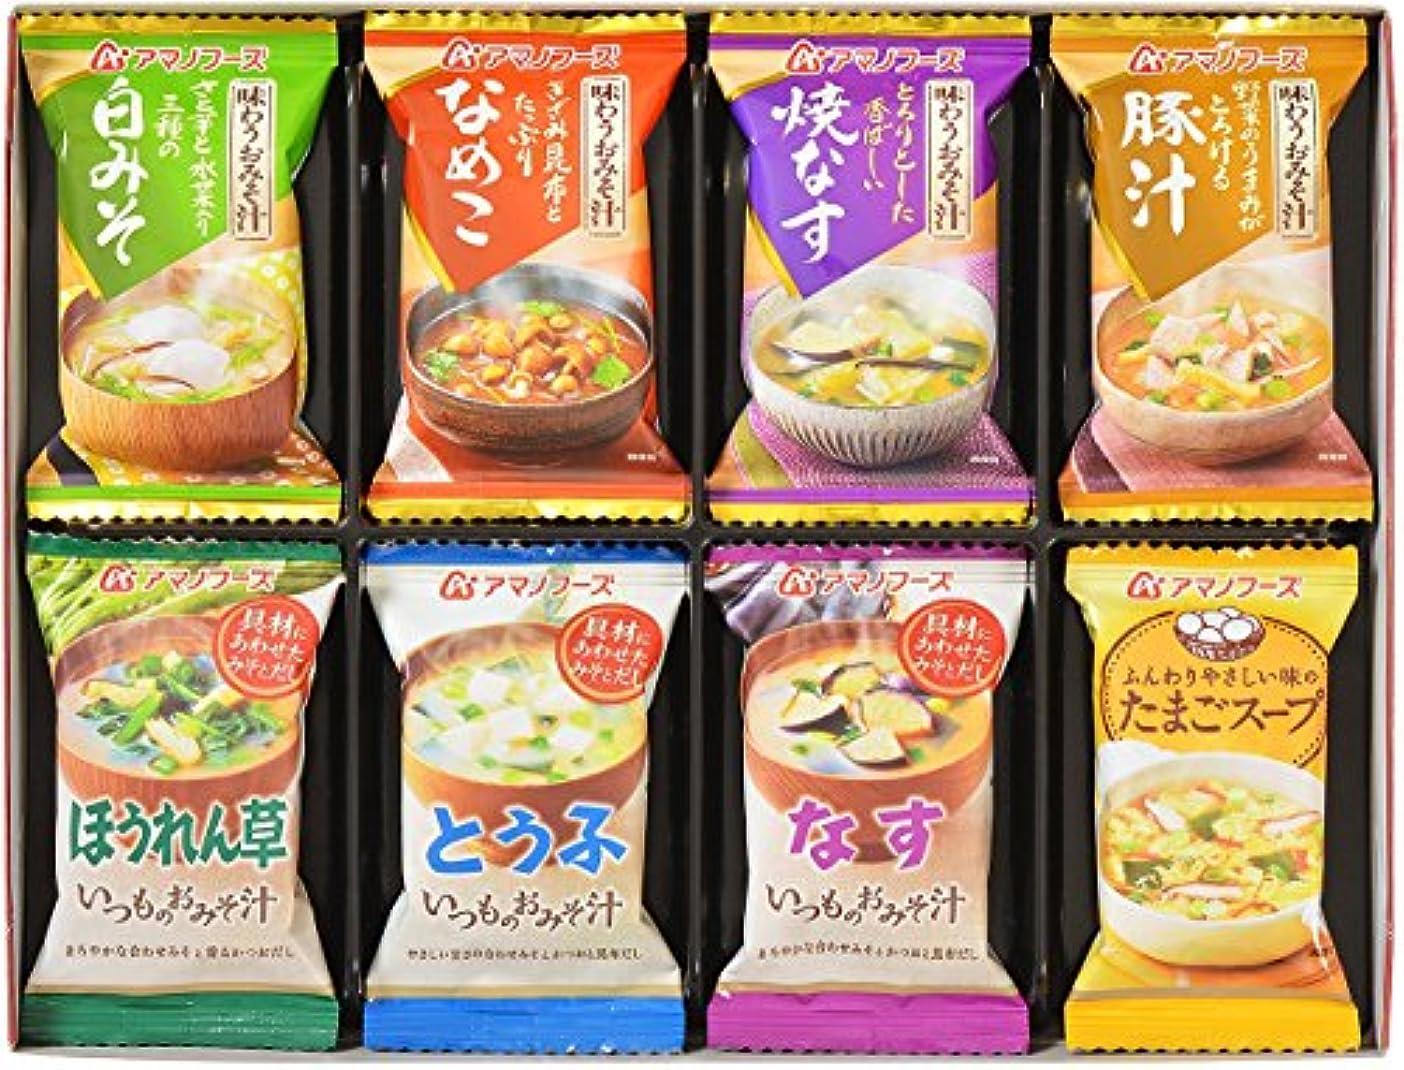 負荷ウィスキー暫定アマノフーズ バラエティギフト M‐100R 全8食(味わうおみそ汁:白みそ1食、なめこ1食、焼なす1食、豚汁1食/いつものおみそ汁:ほうれん草1食、とうふ1食、なす1食/たまごスープ)